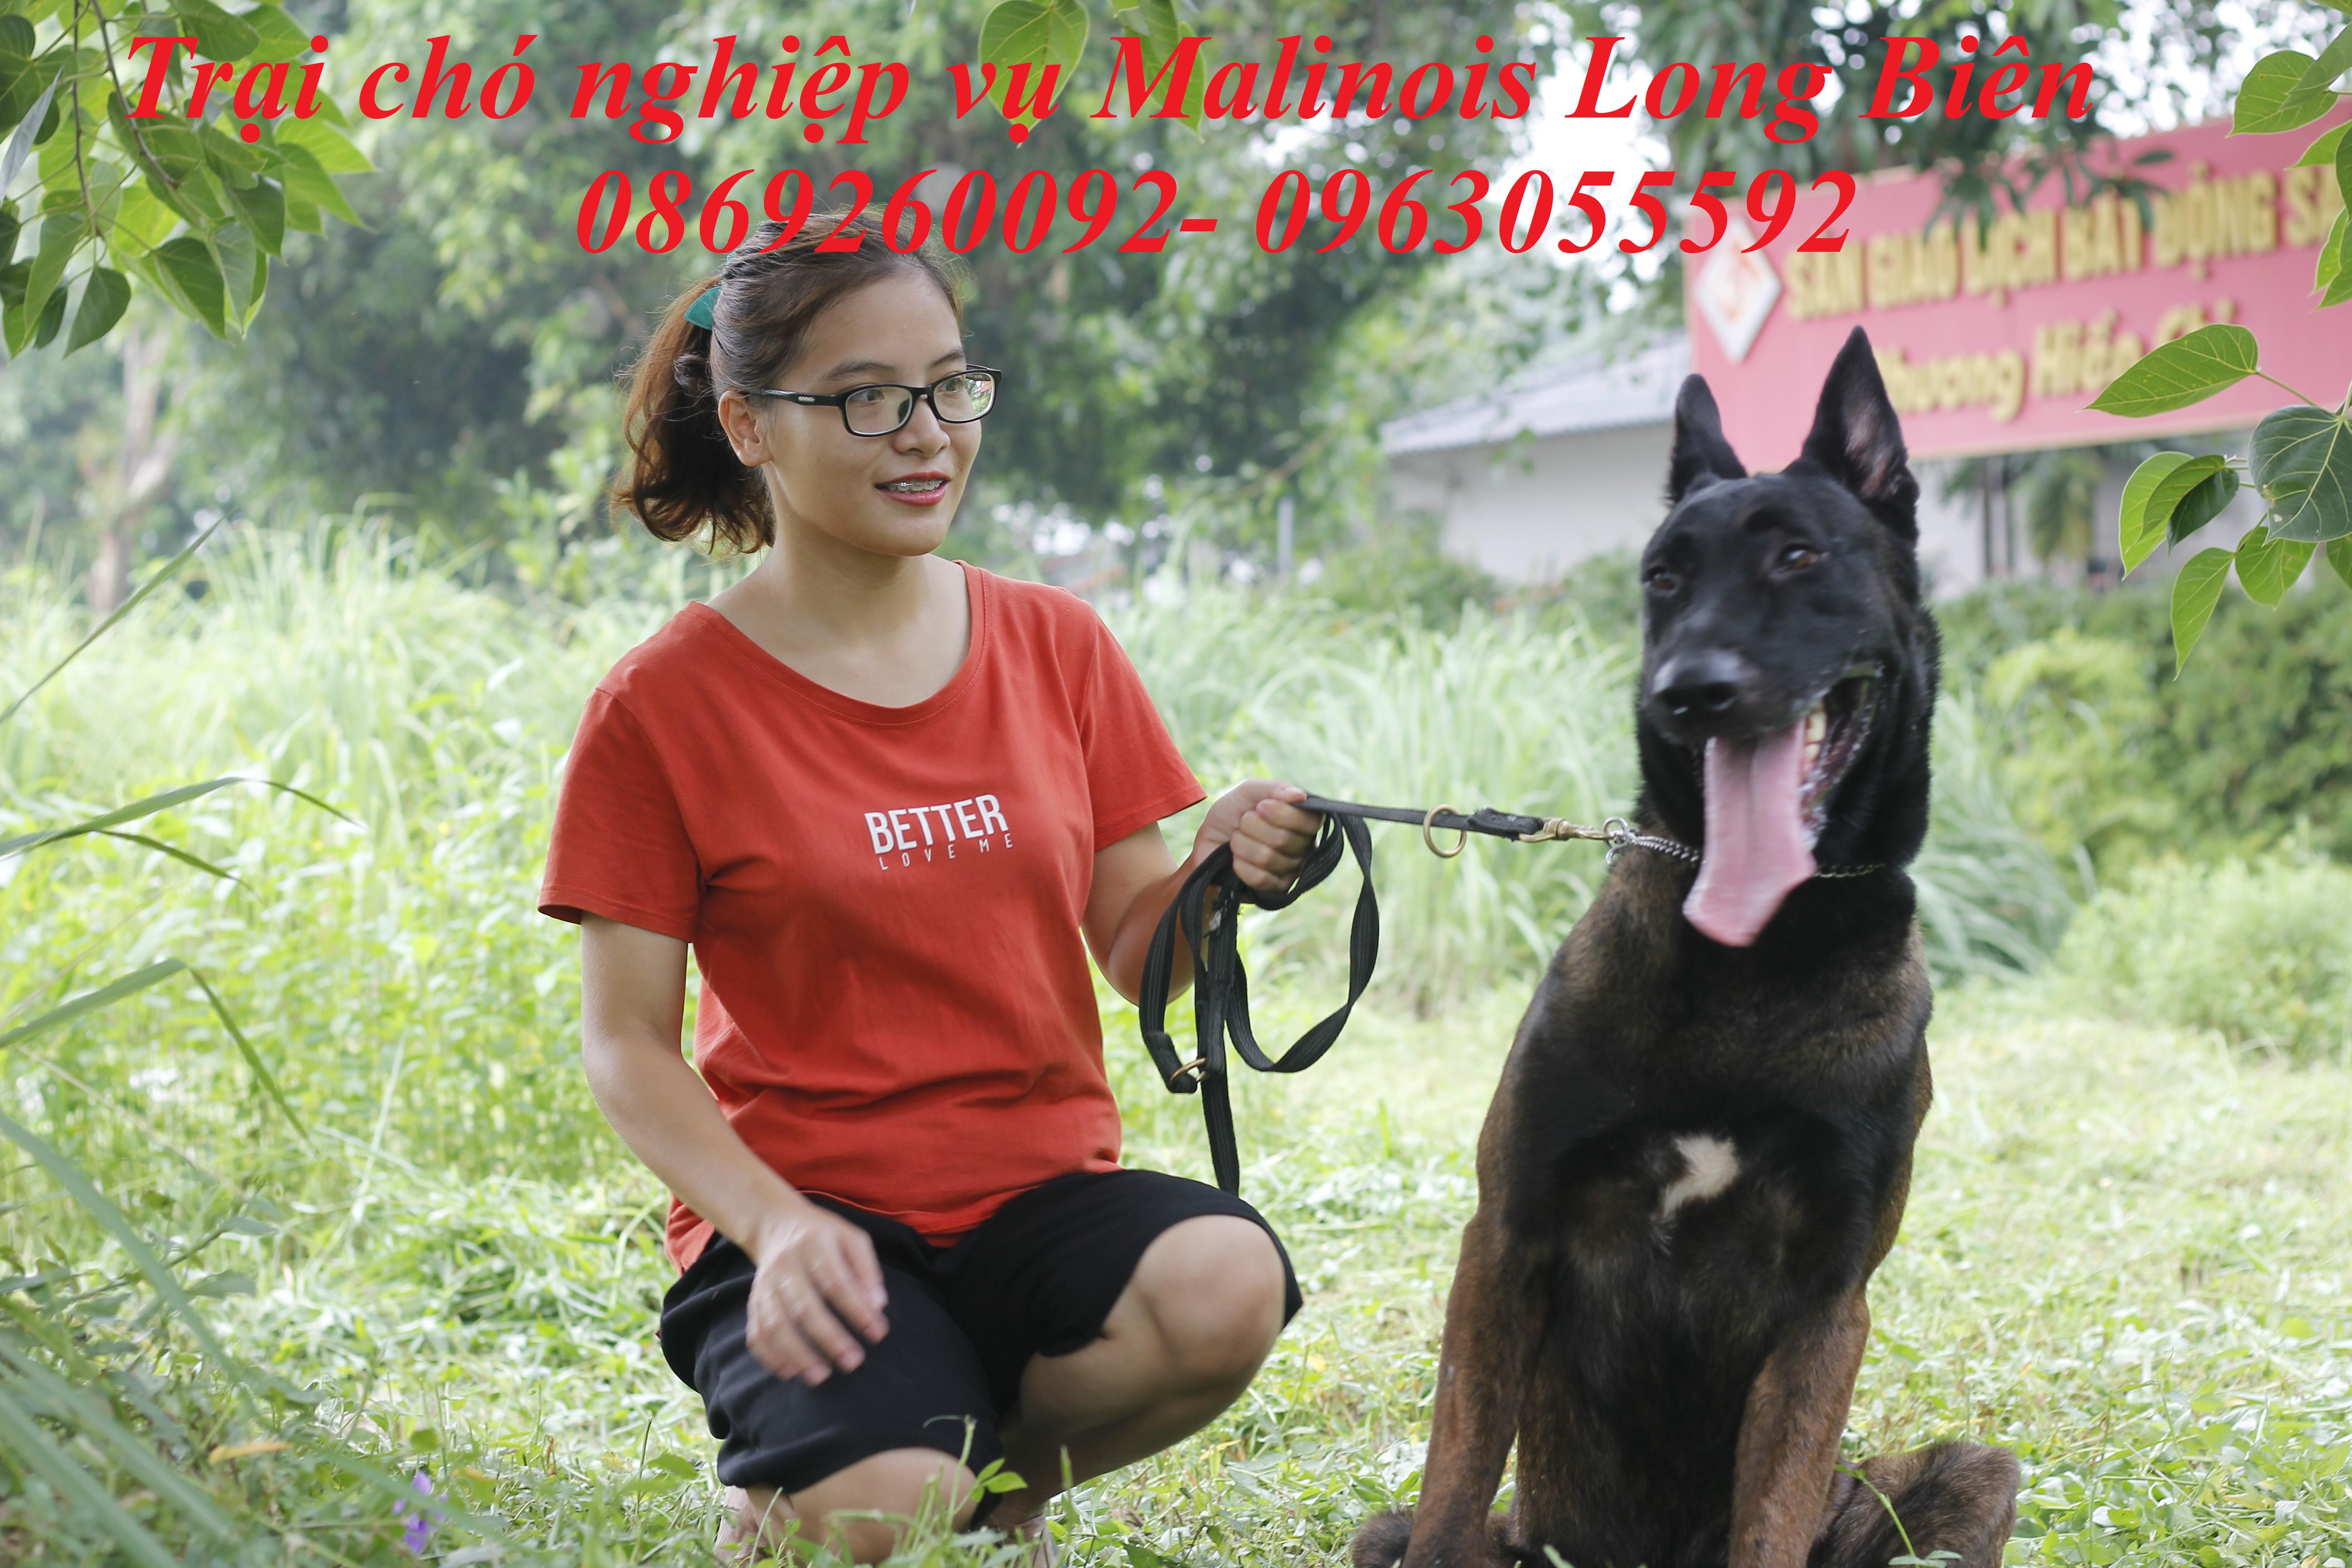 Chó Malinois lobo tại trại chó Malinois Long Biên